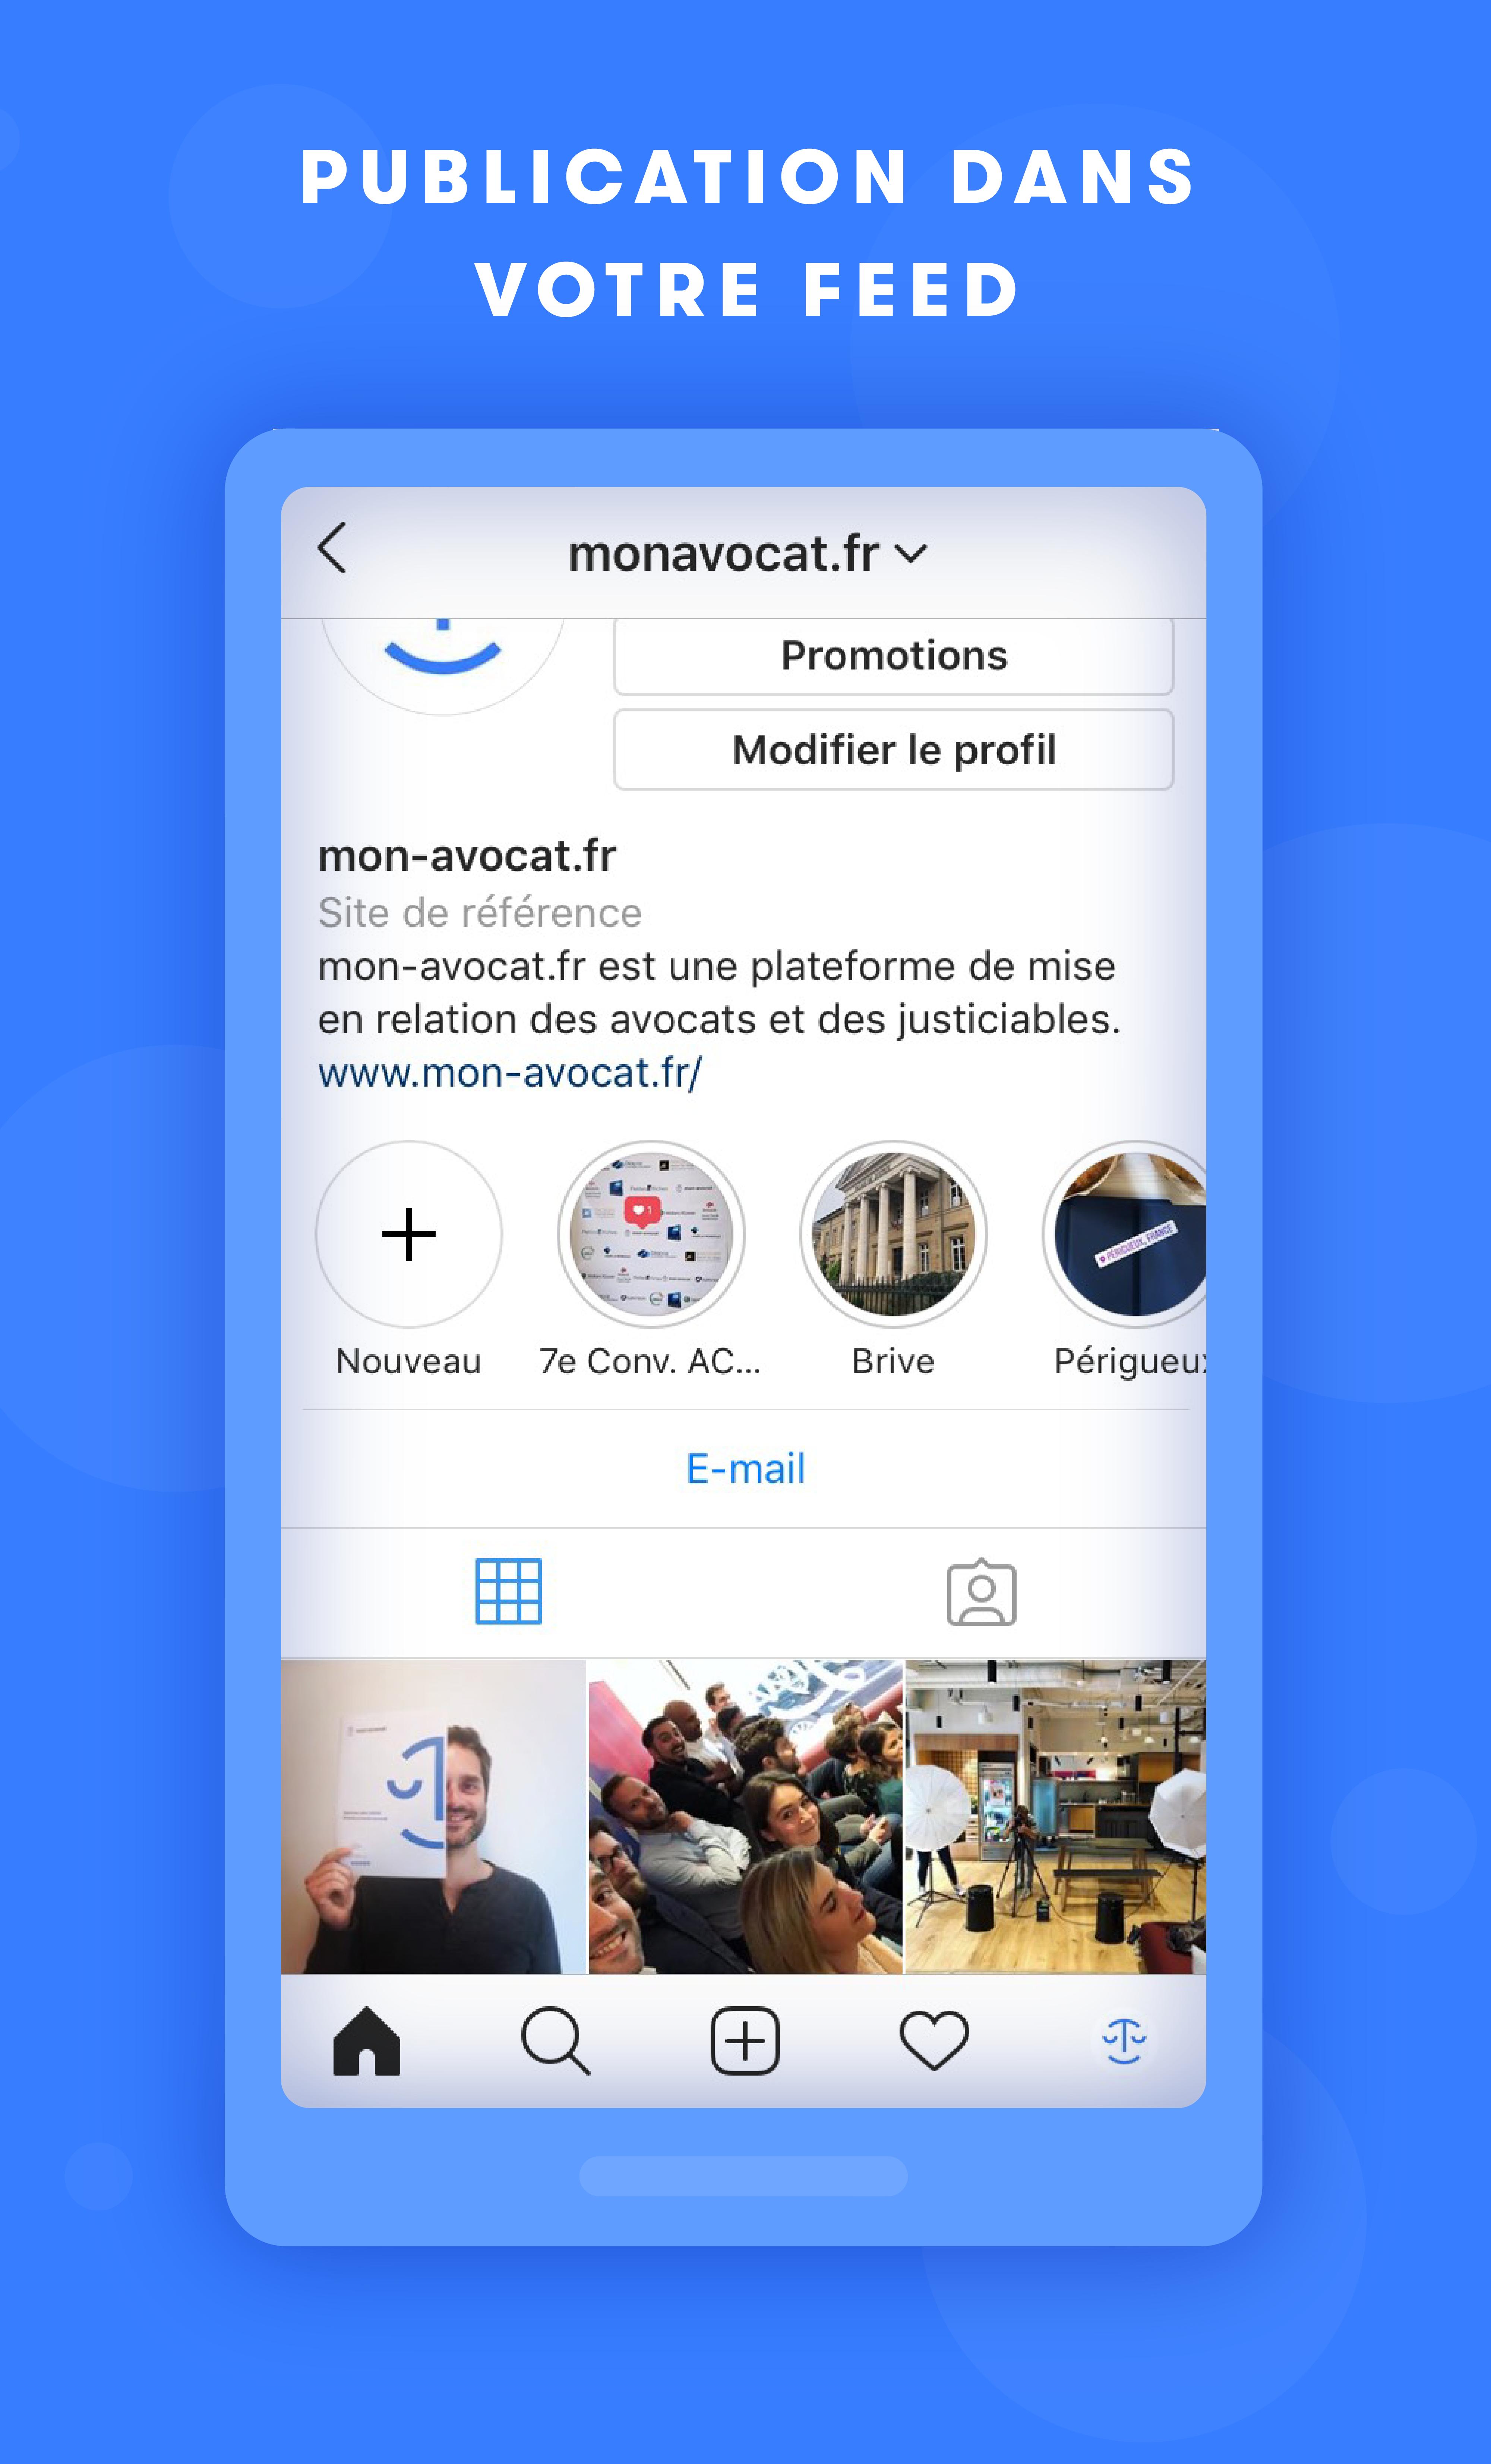 Instagram - publication dans votre feed